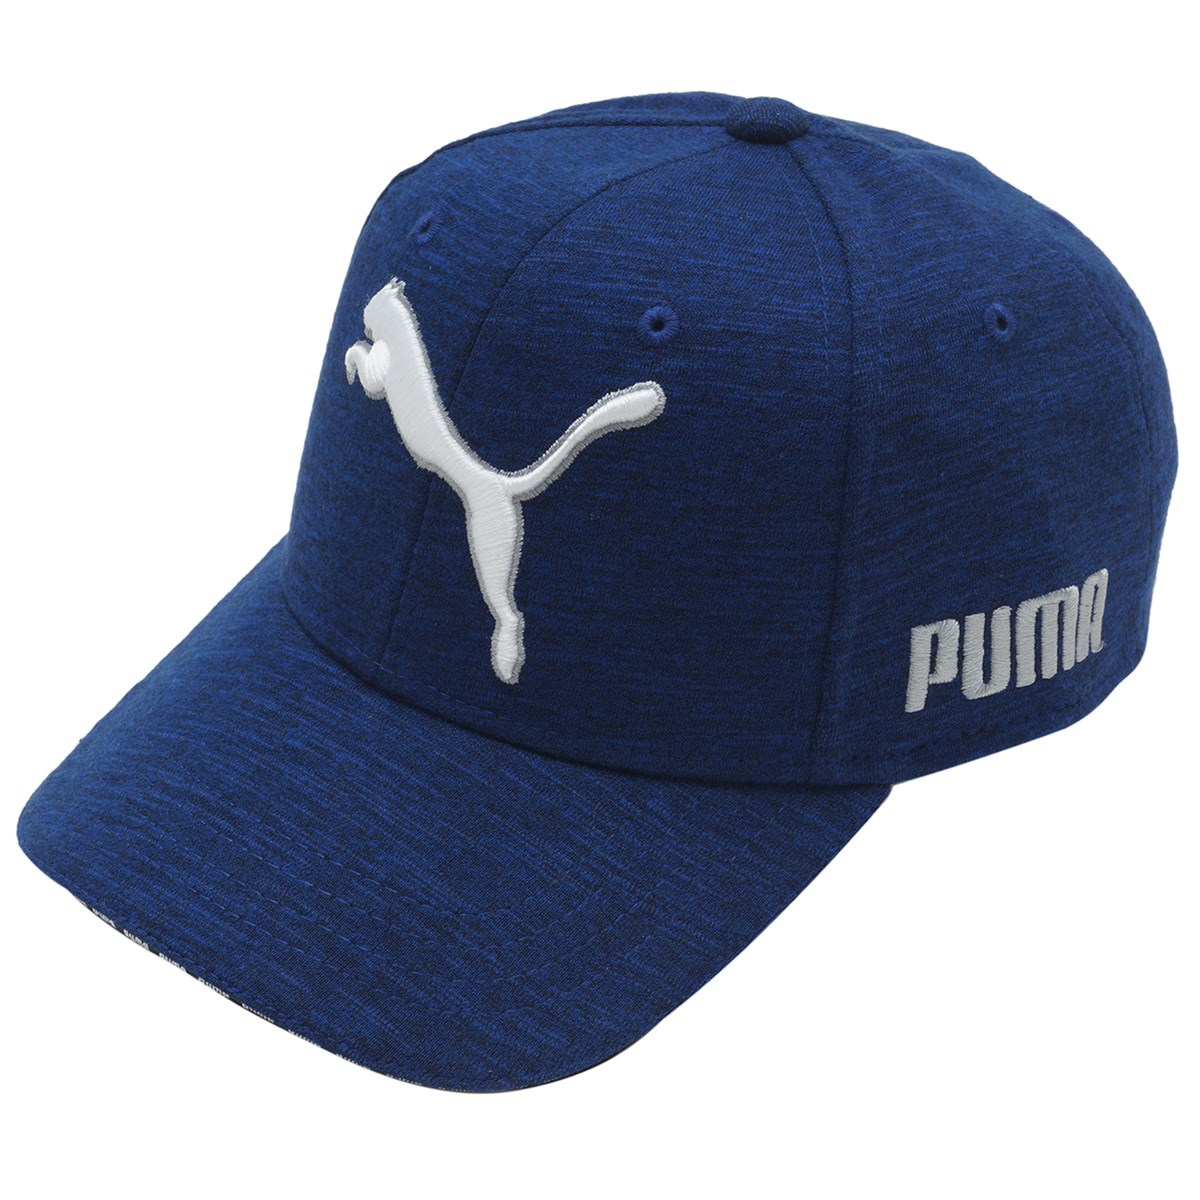 プーマ(PUMA) スウェット キャップ